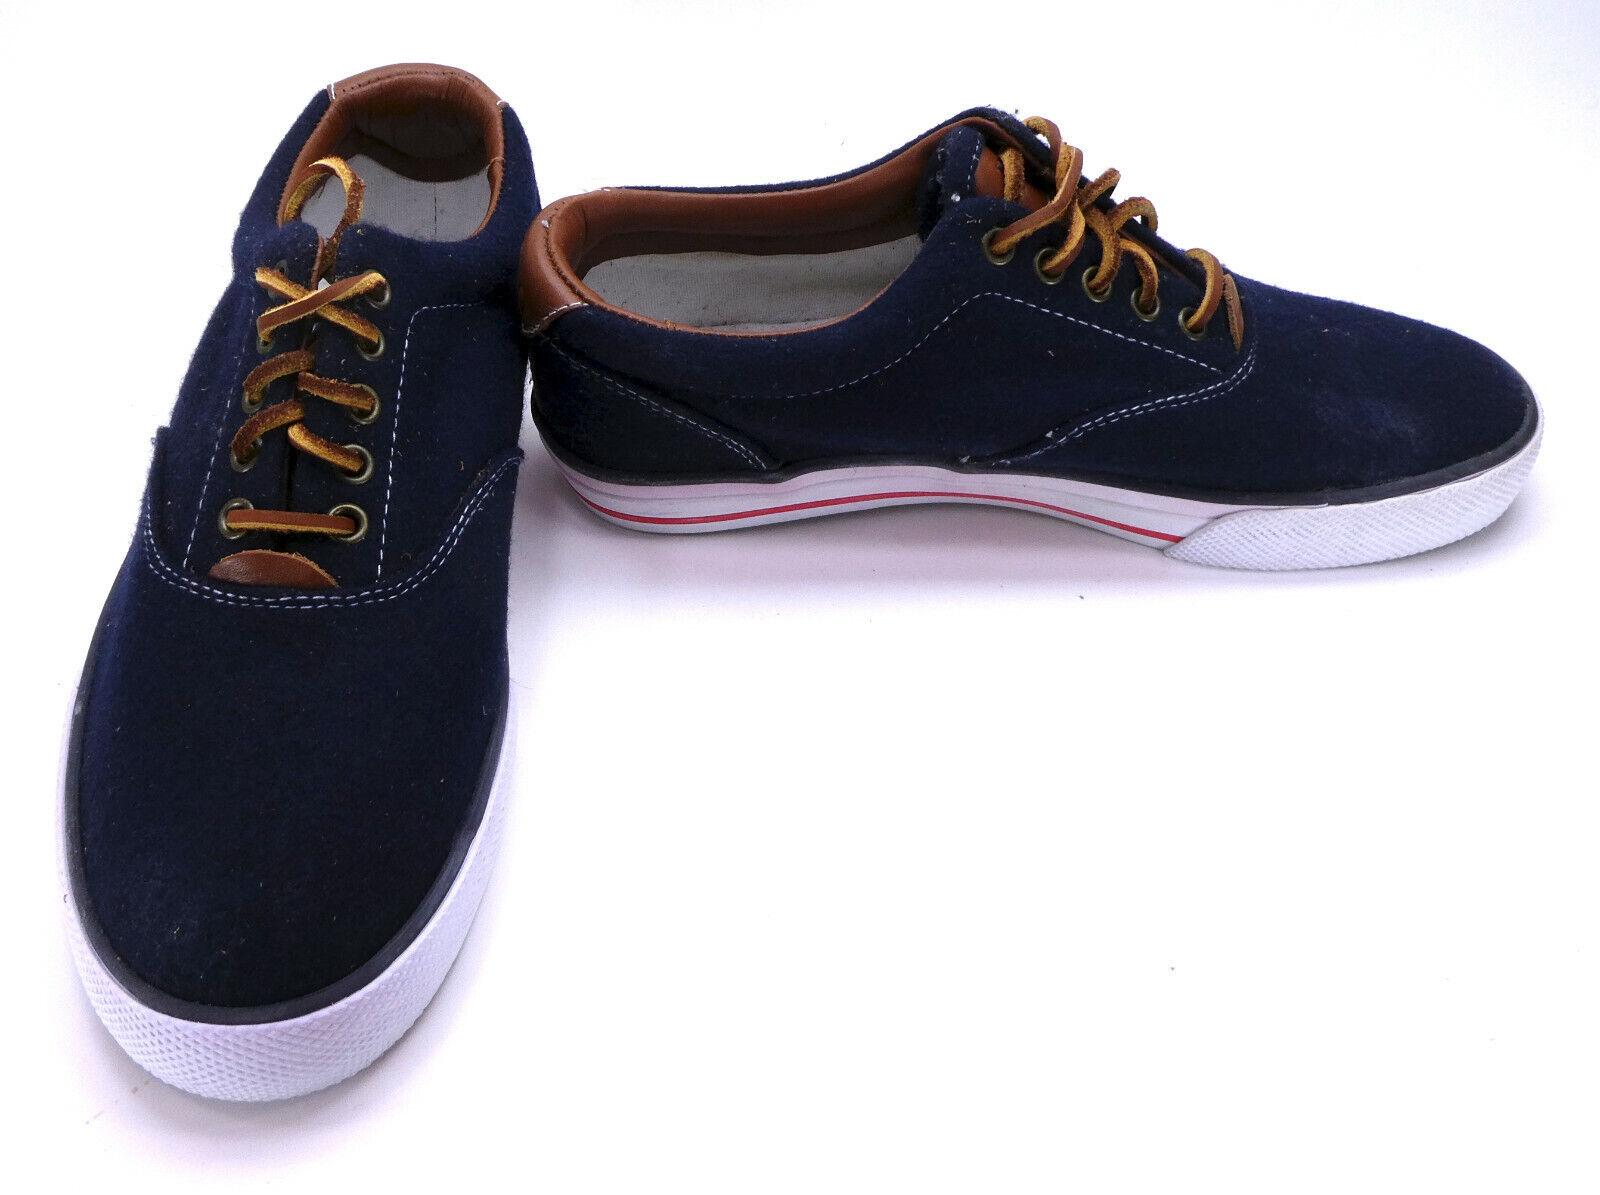 Polo Ralph Lauren scarpe Vaughn Athletic Flannel Navy blu scarpe scarpe scarpe da ginnastica Dimensione 9 a1b97b